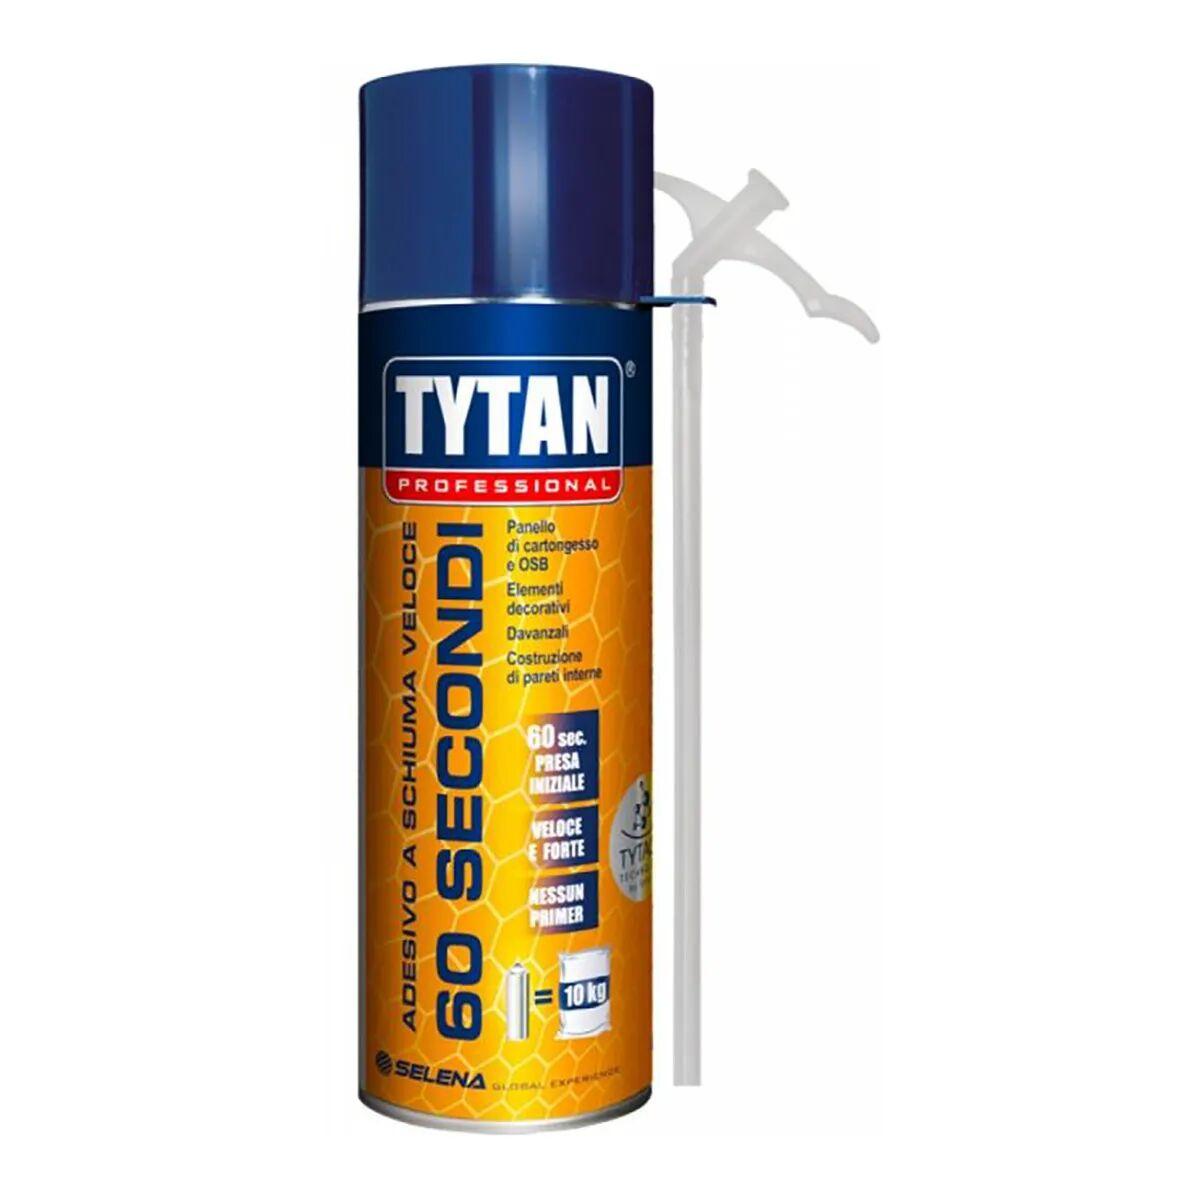 Adesivo A Schiuma Veloce Tytan 300ml 60 Secondi Manuale Per Pannelli Osb E Cartongesso